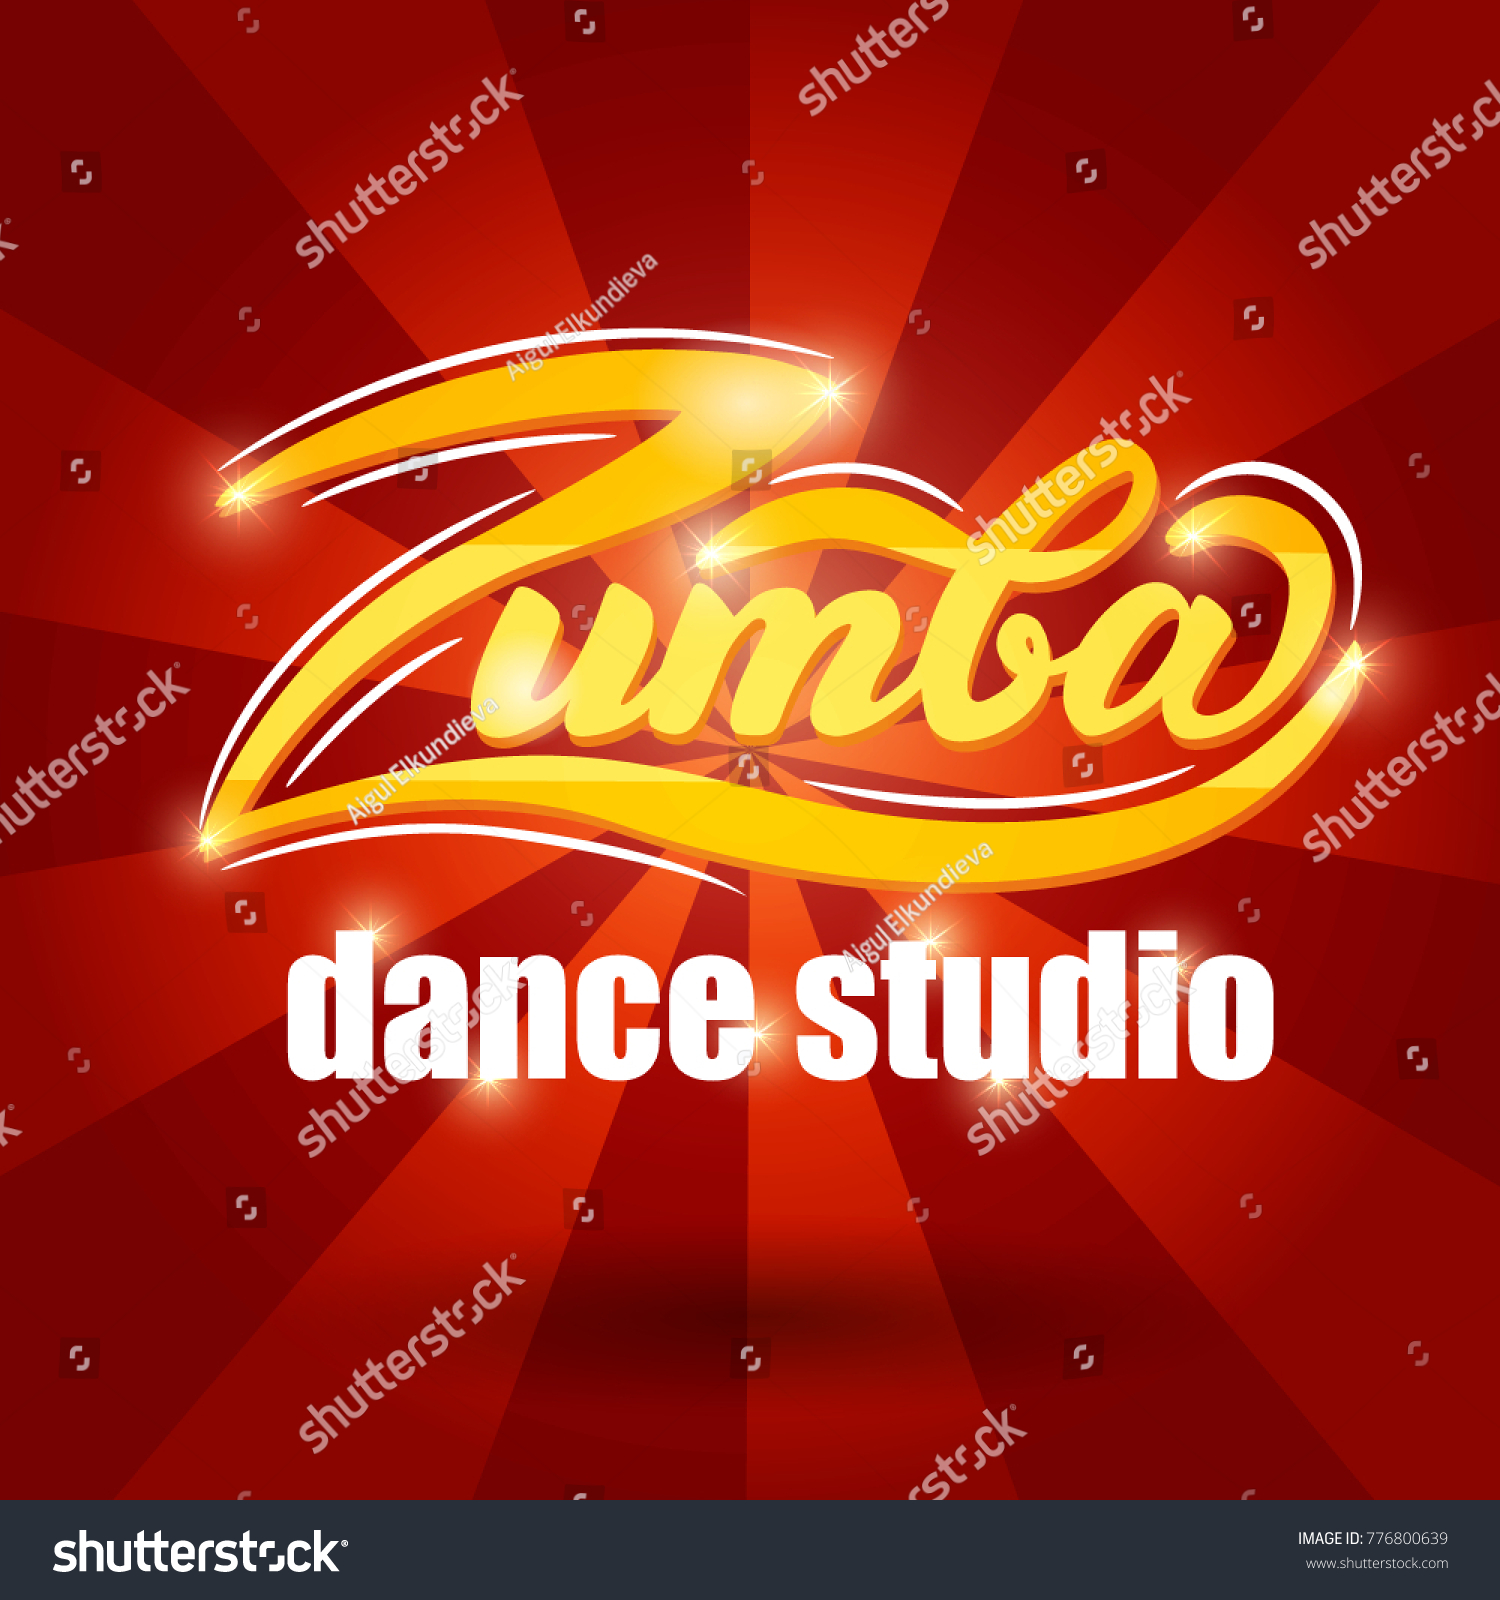 Zumba Dance Studio Banner Design Vector Stock Vector (Royalty Free ...